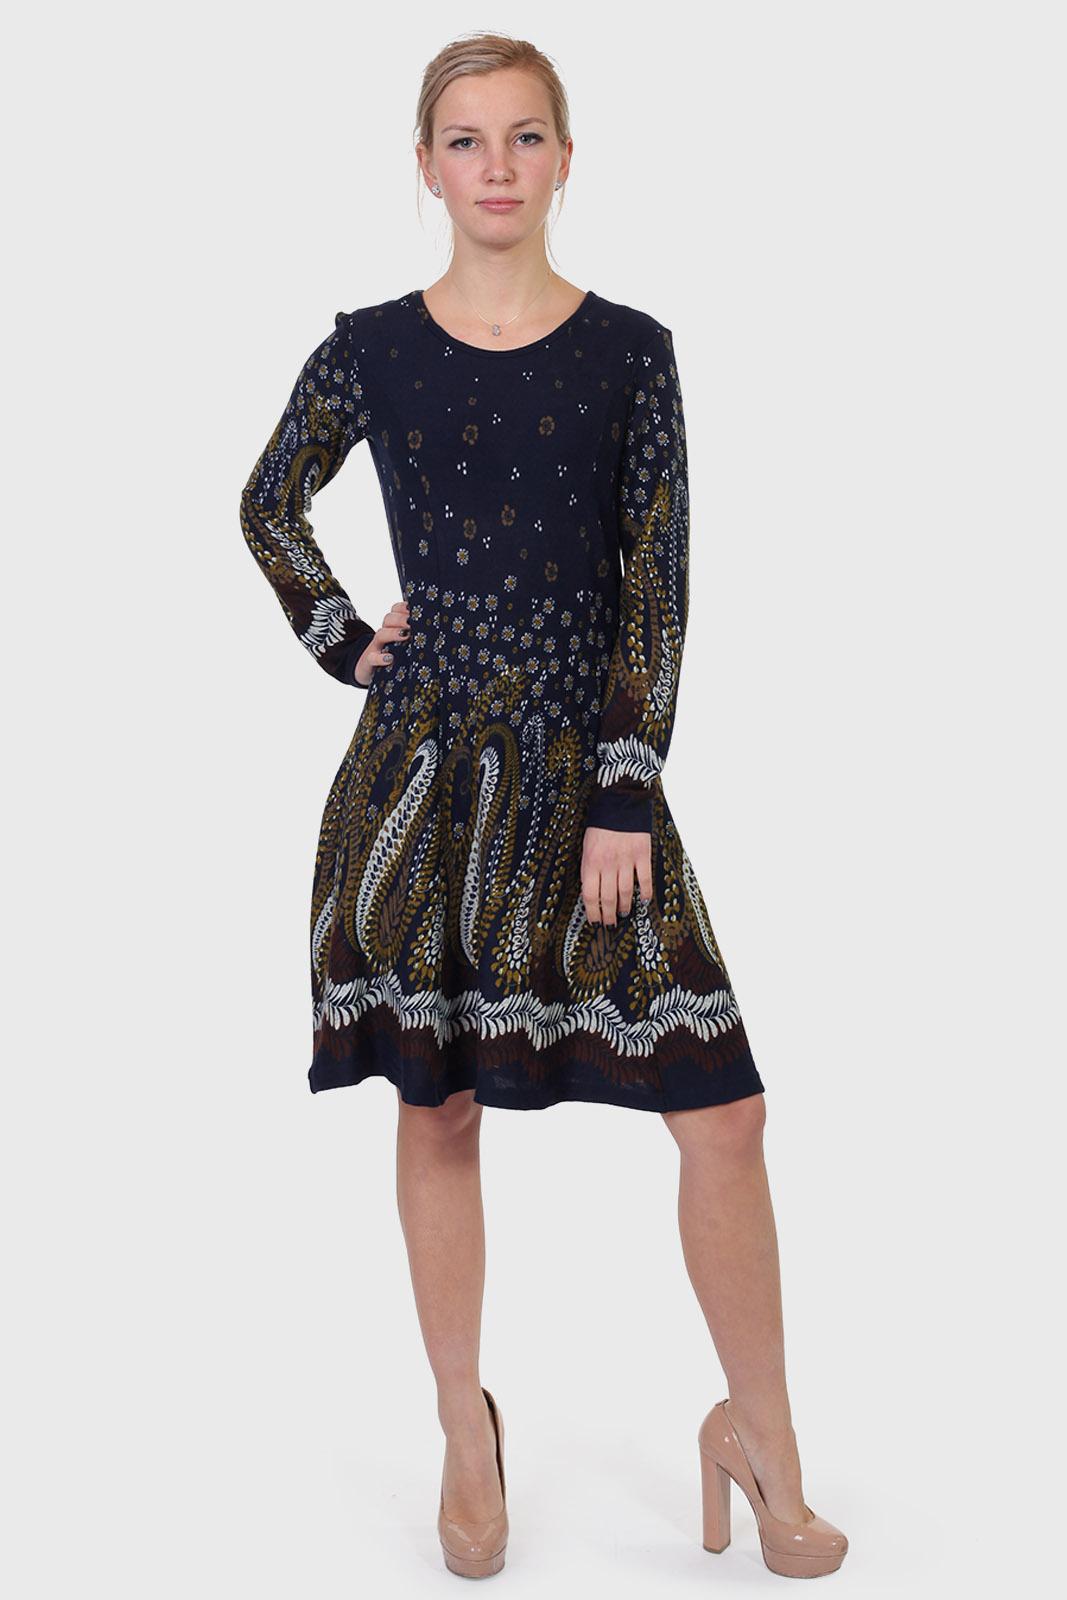 Недорогие трикотажные платья ниже колен